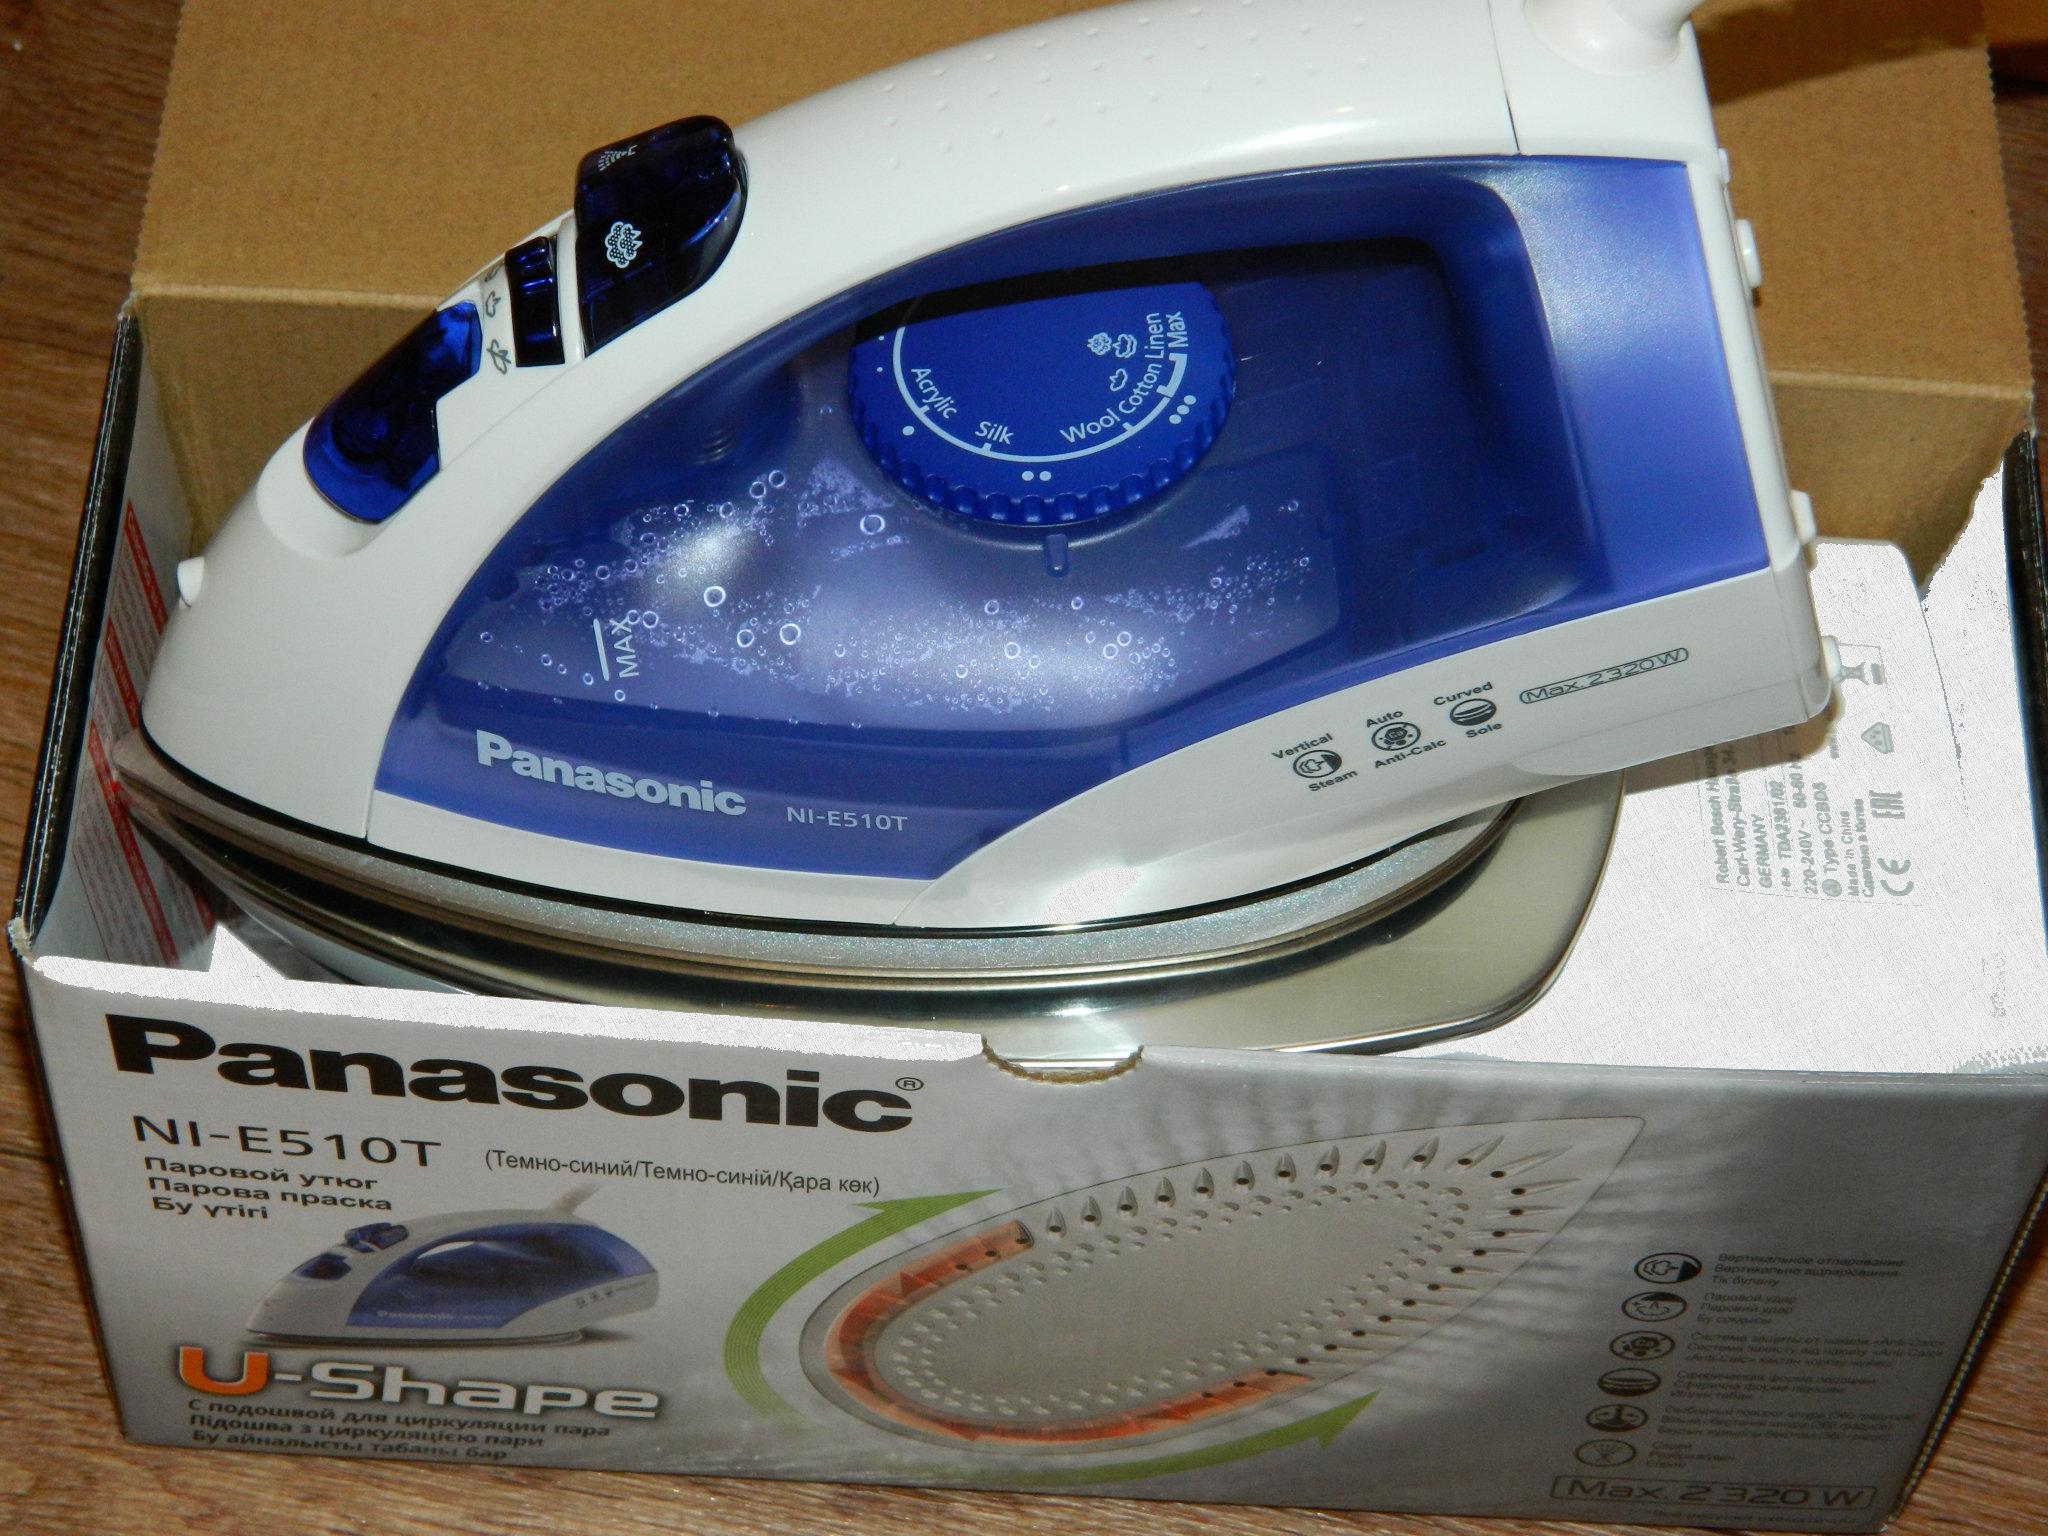 Panasonic NI-E510TDTW